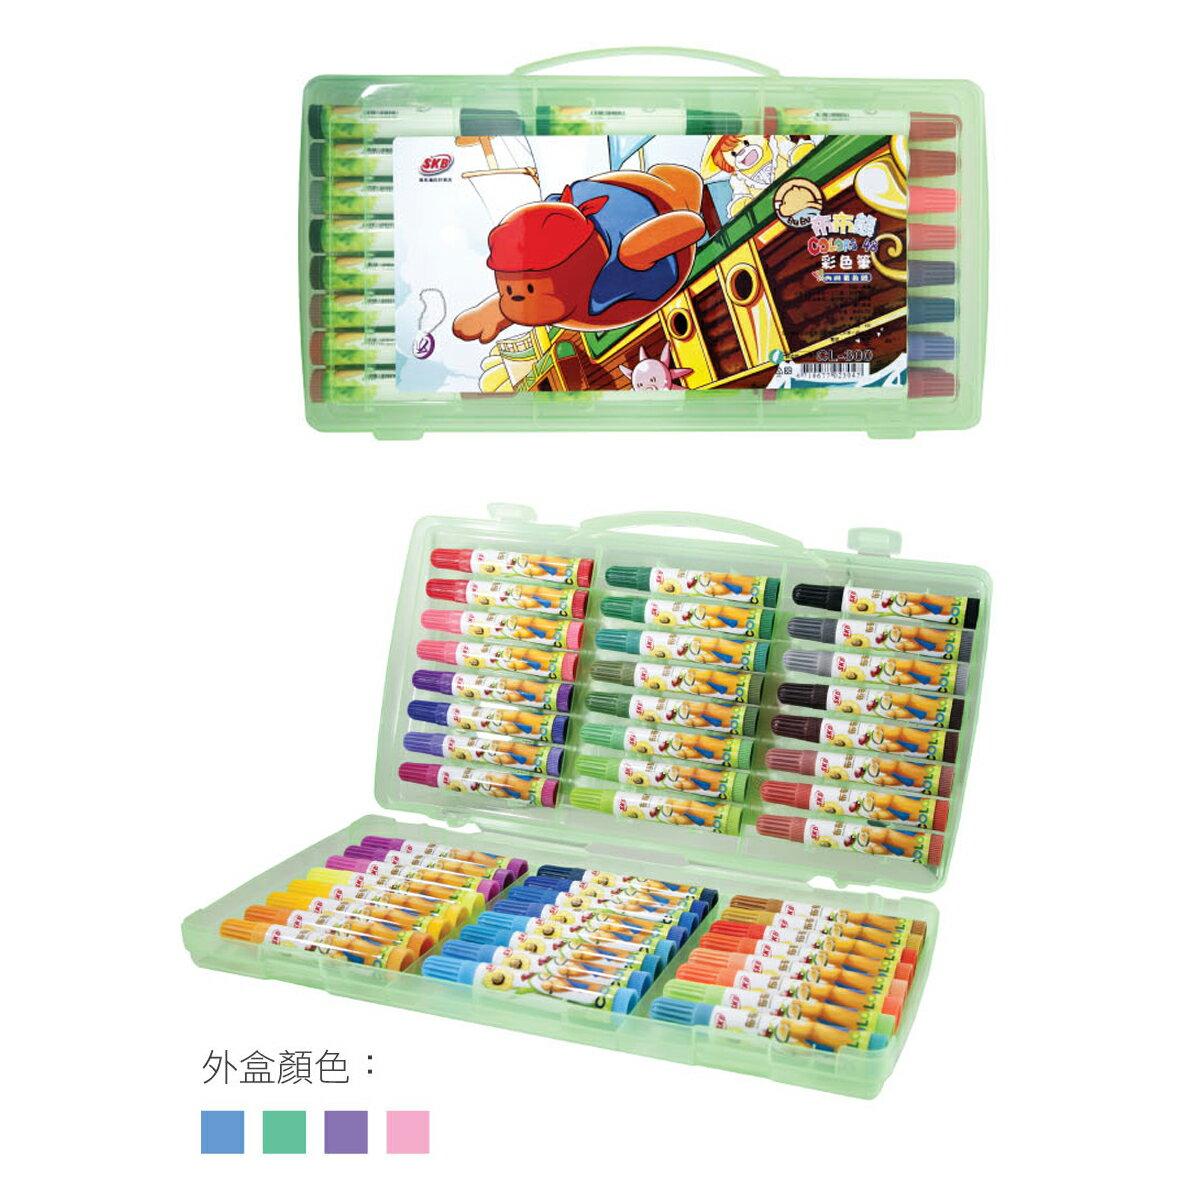 【SKB】 CL-210彩色筆36色膠盒-外盒圖案隨機出貨